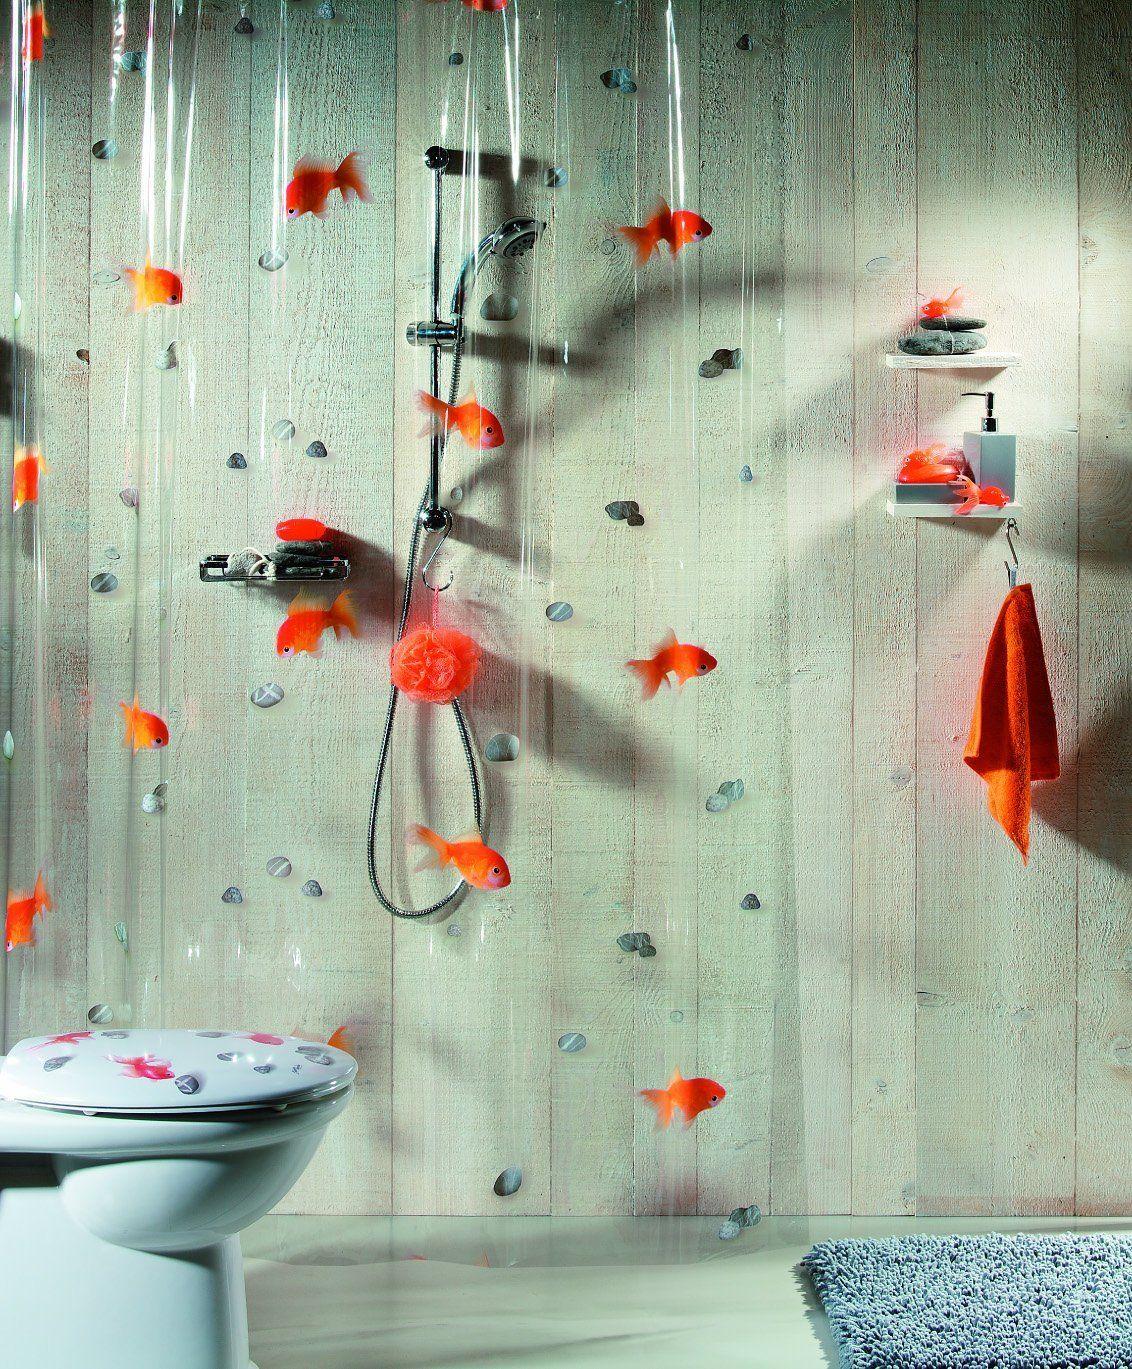 Spirella Goldfish Orange Plastic Shower Curtain 100 Pvc Transparent Orange 180 Cm X 200 Cm Amaz Personalized Shower Curtain Pvc Shower Plastic Shower Curtain